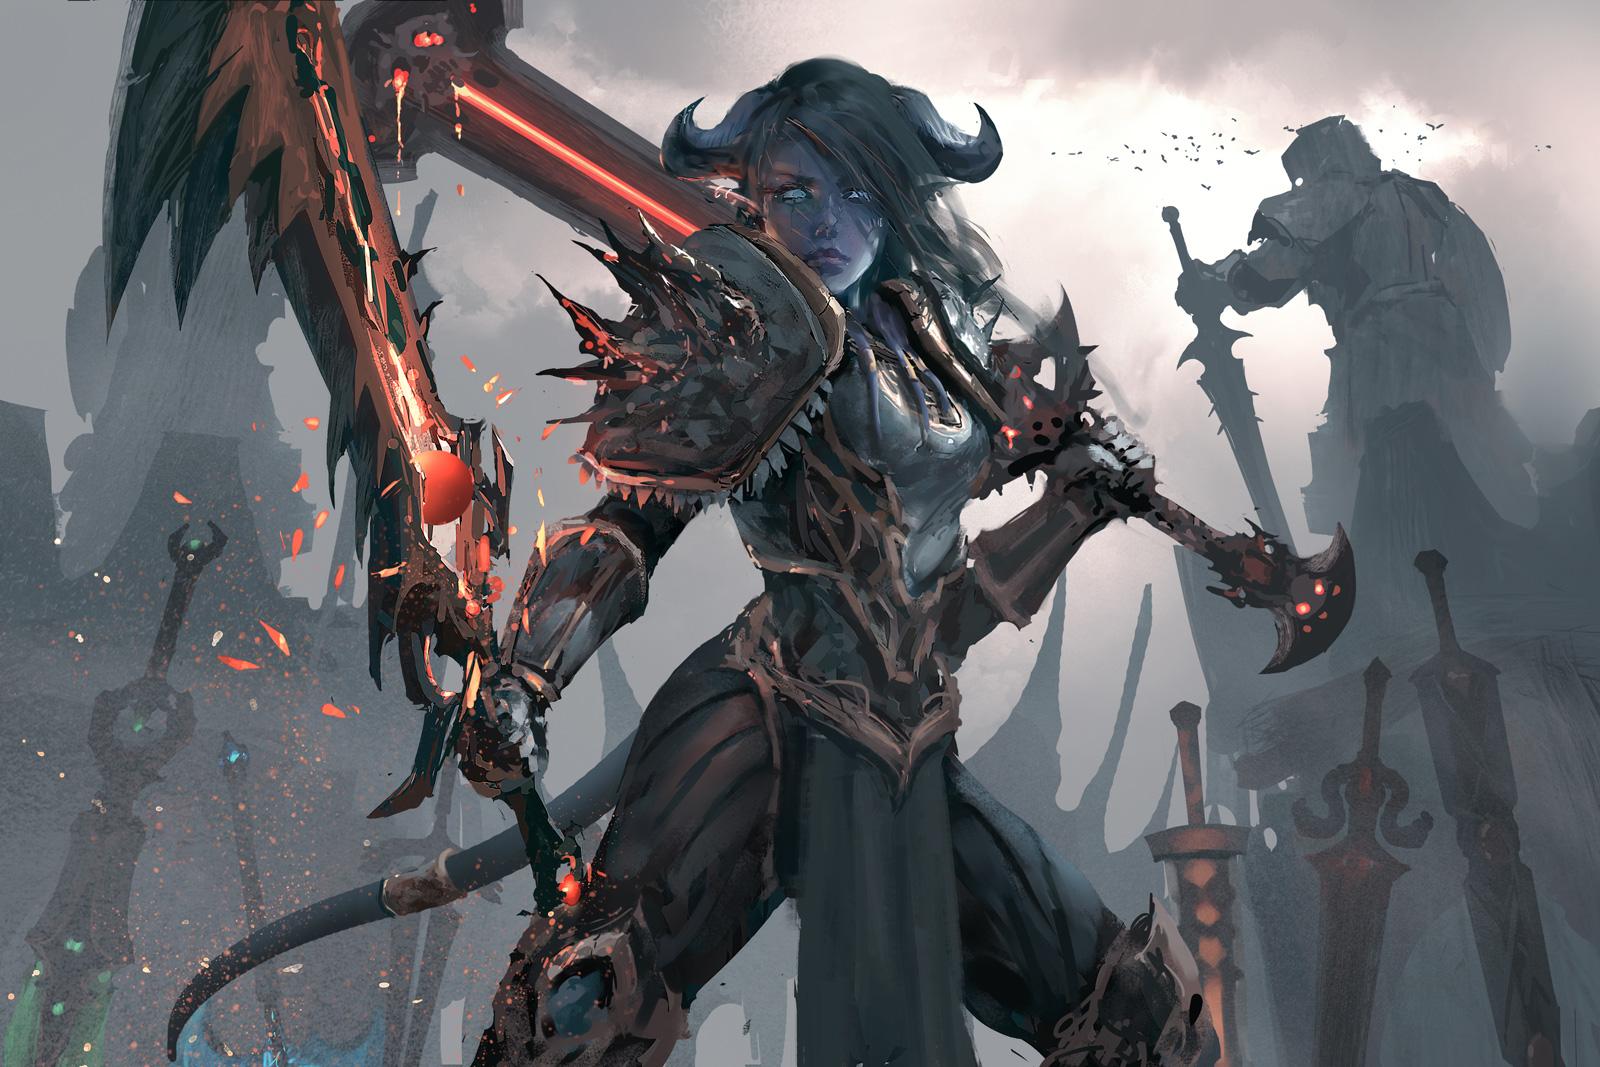 Warrior - World of Warcraft by wlop on DeviantArt